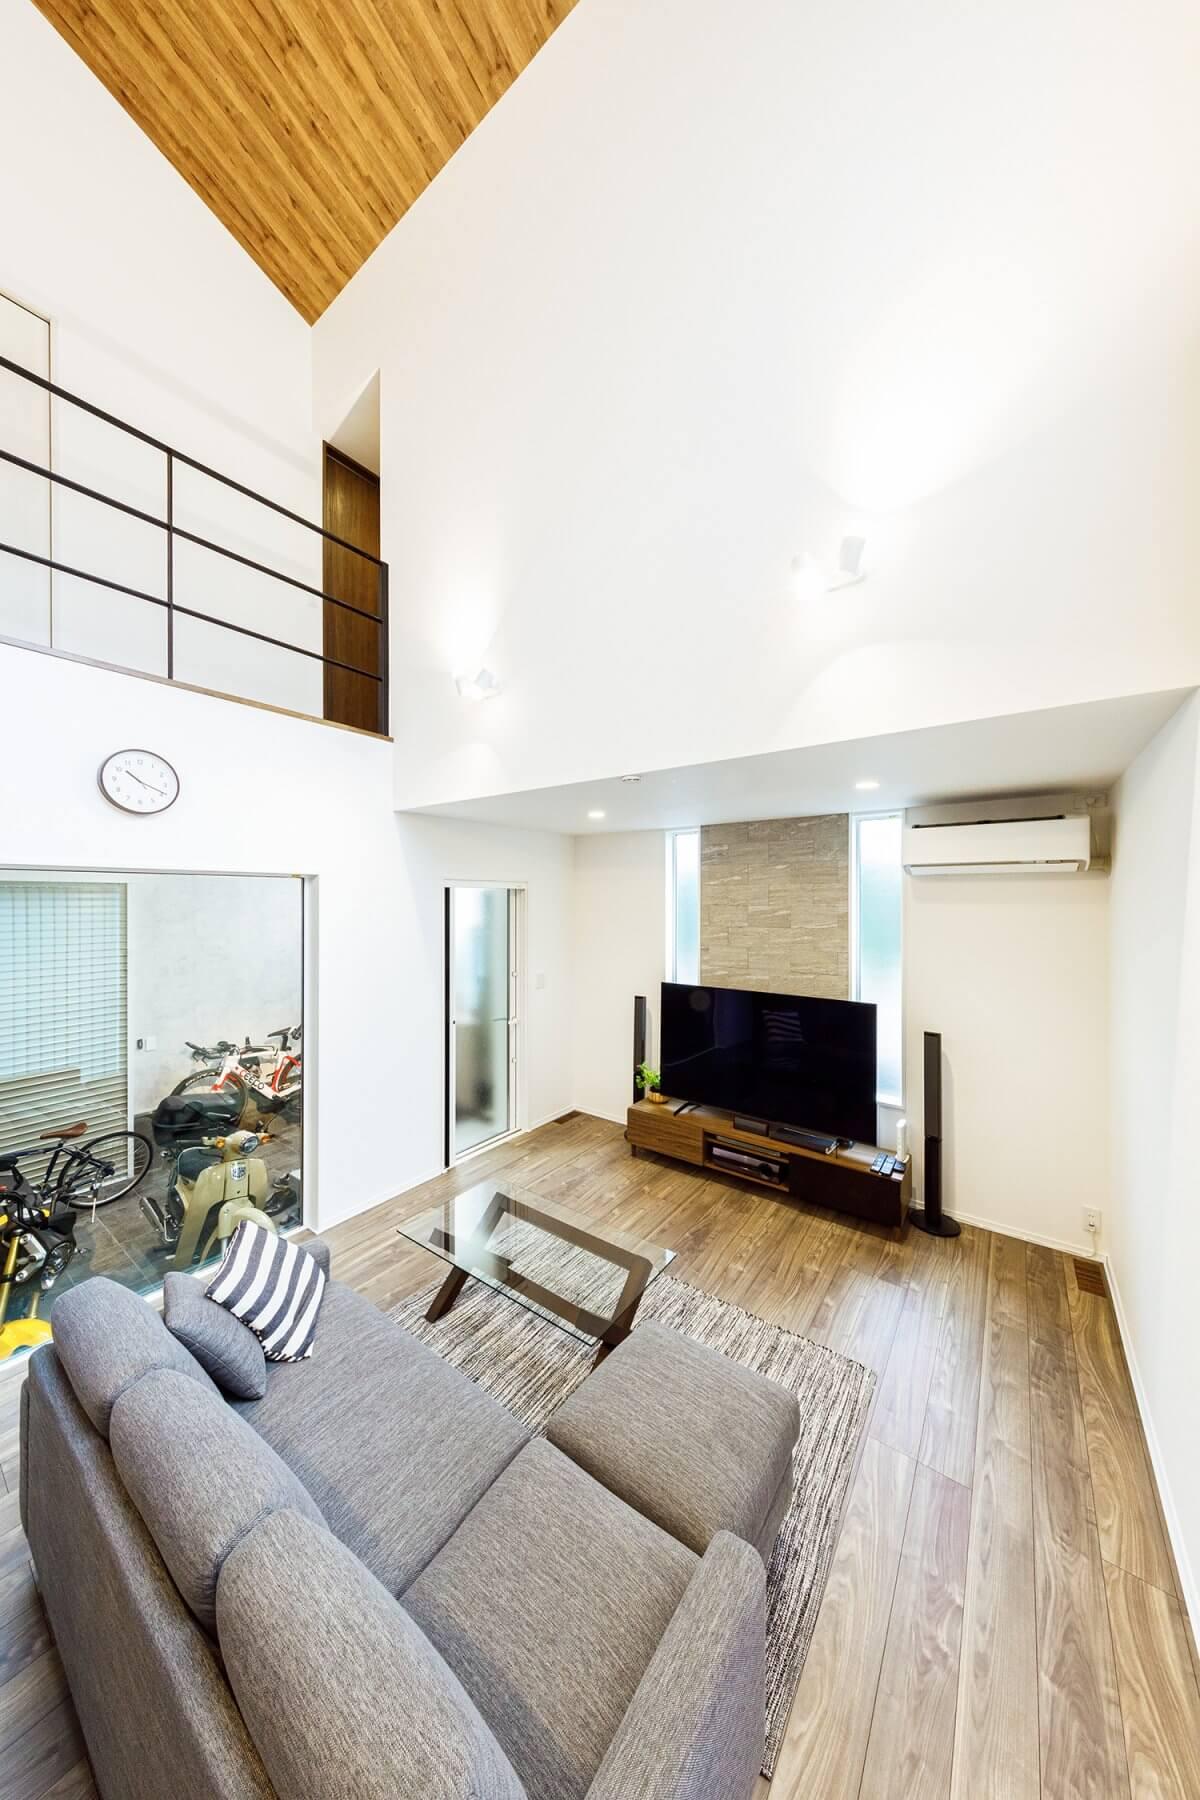 勾配天井の大空間でも、高い気密・断熱性能により快適で均一な室内環境を維持しています。